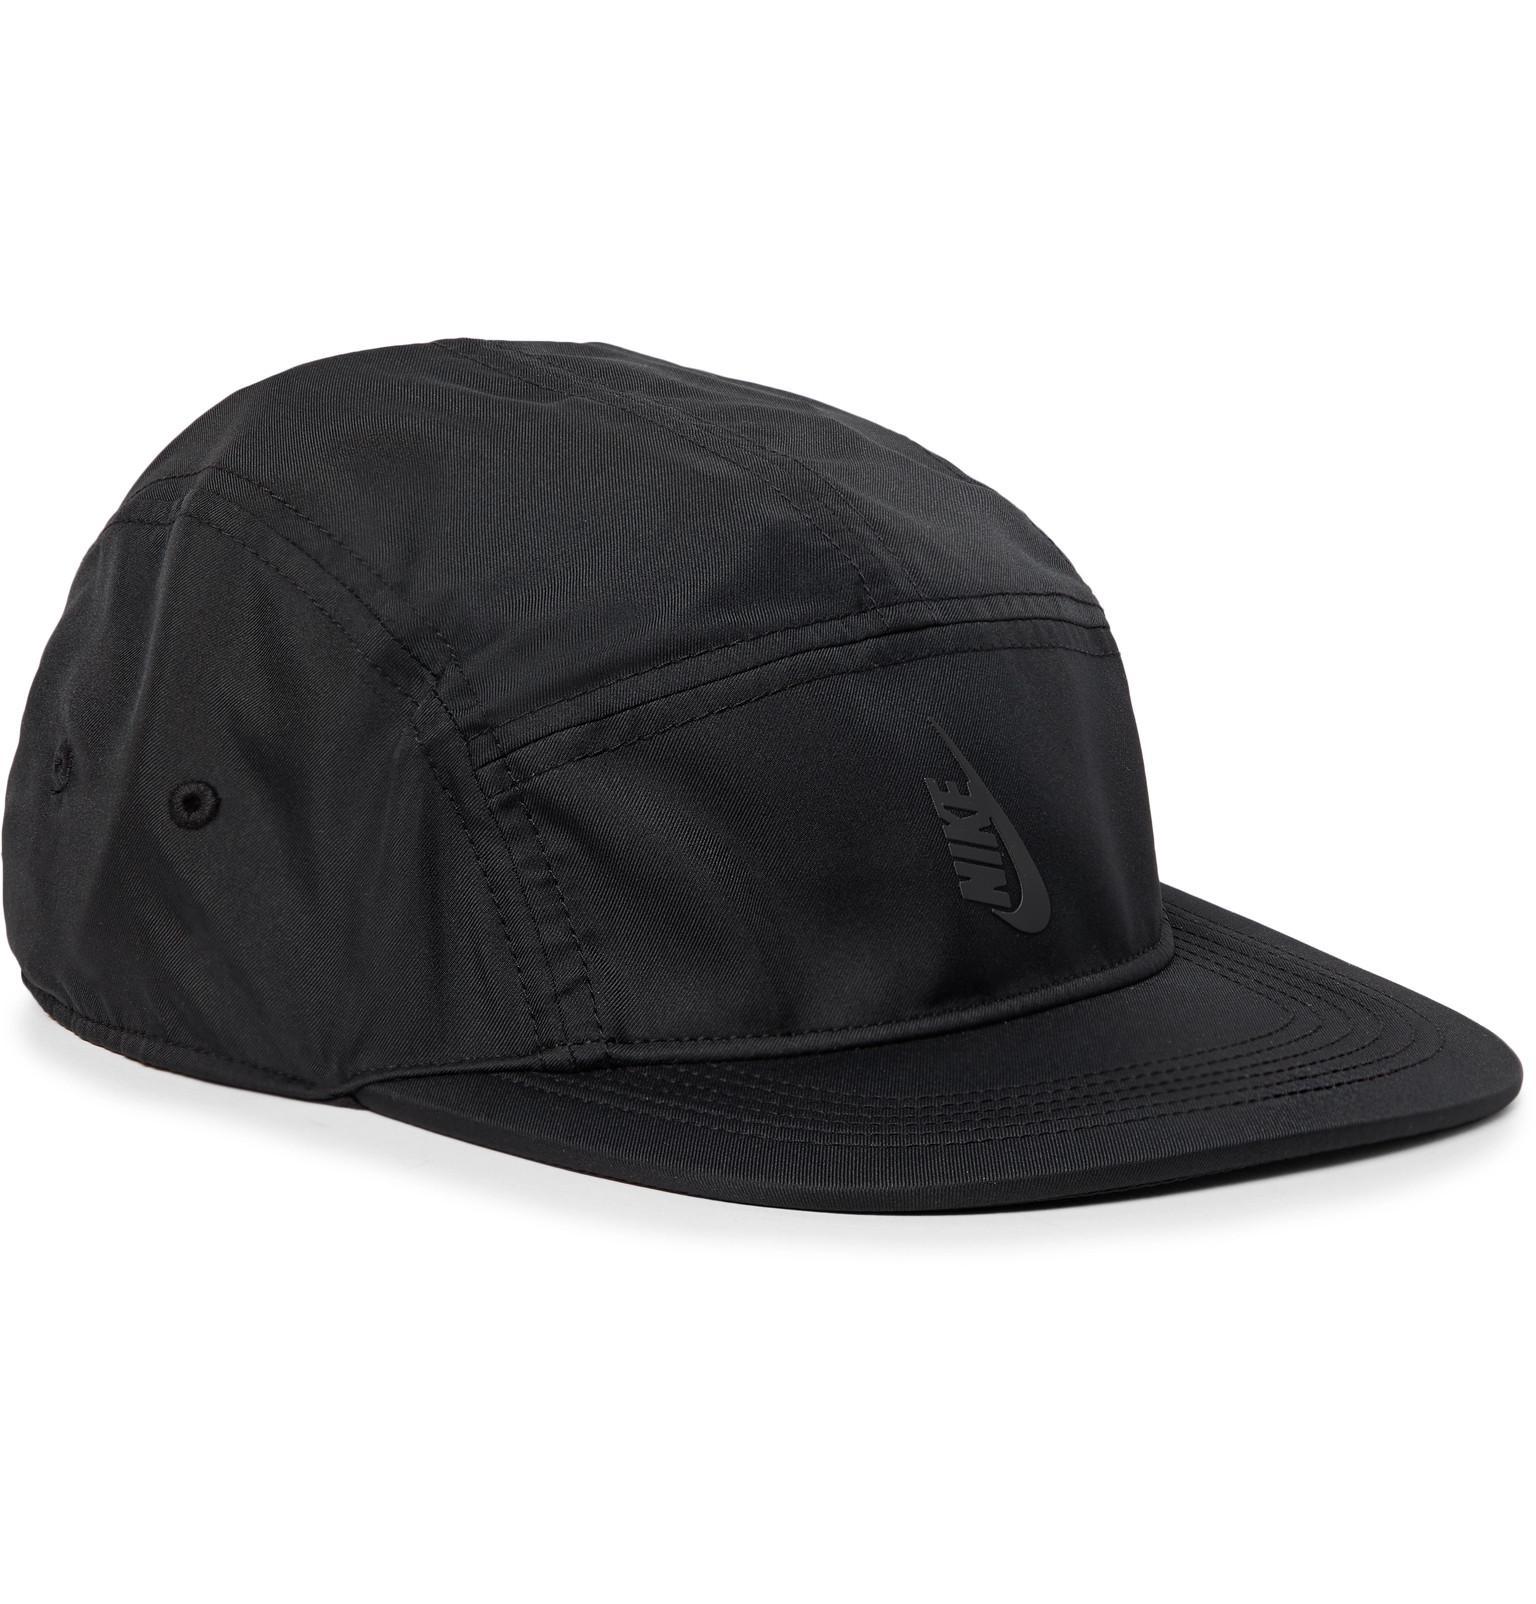 bcaf13f9d50 Lyst - Nike Nrg Aw84 Logo-appliquéd Dri-fit Baseball Cap in Black ...